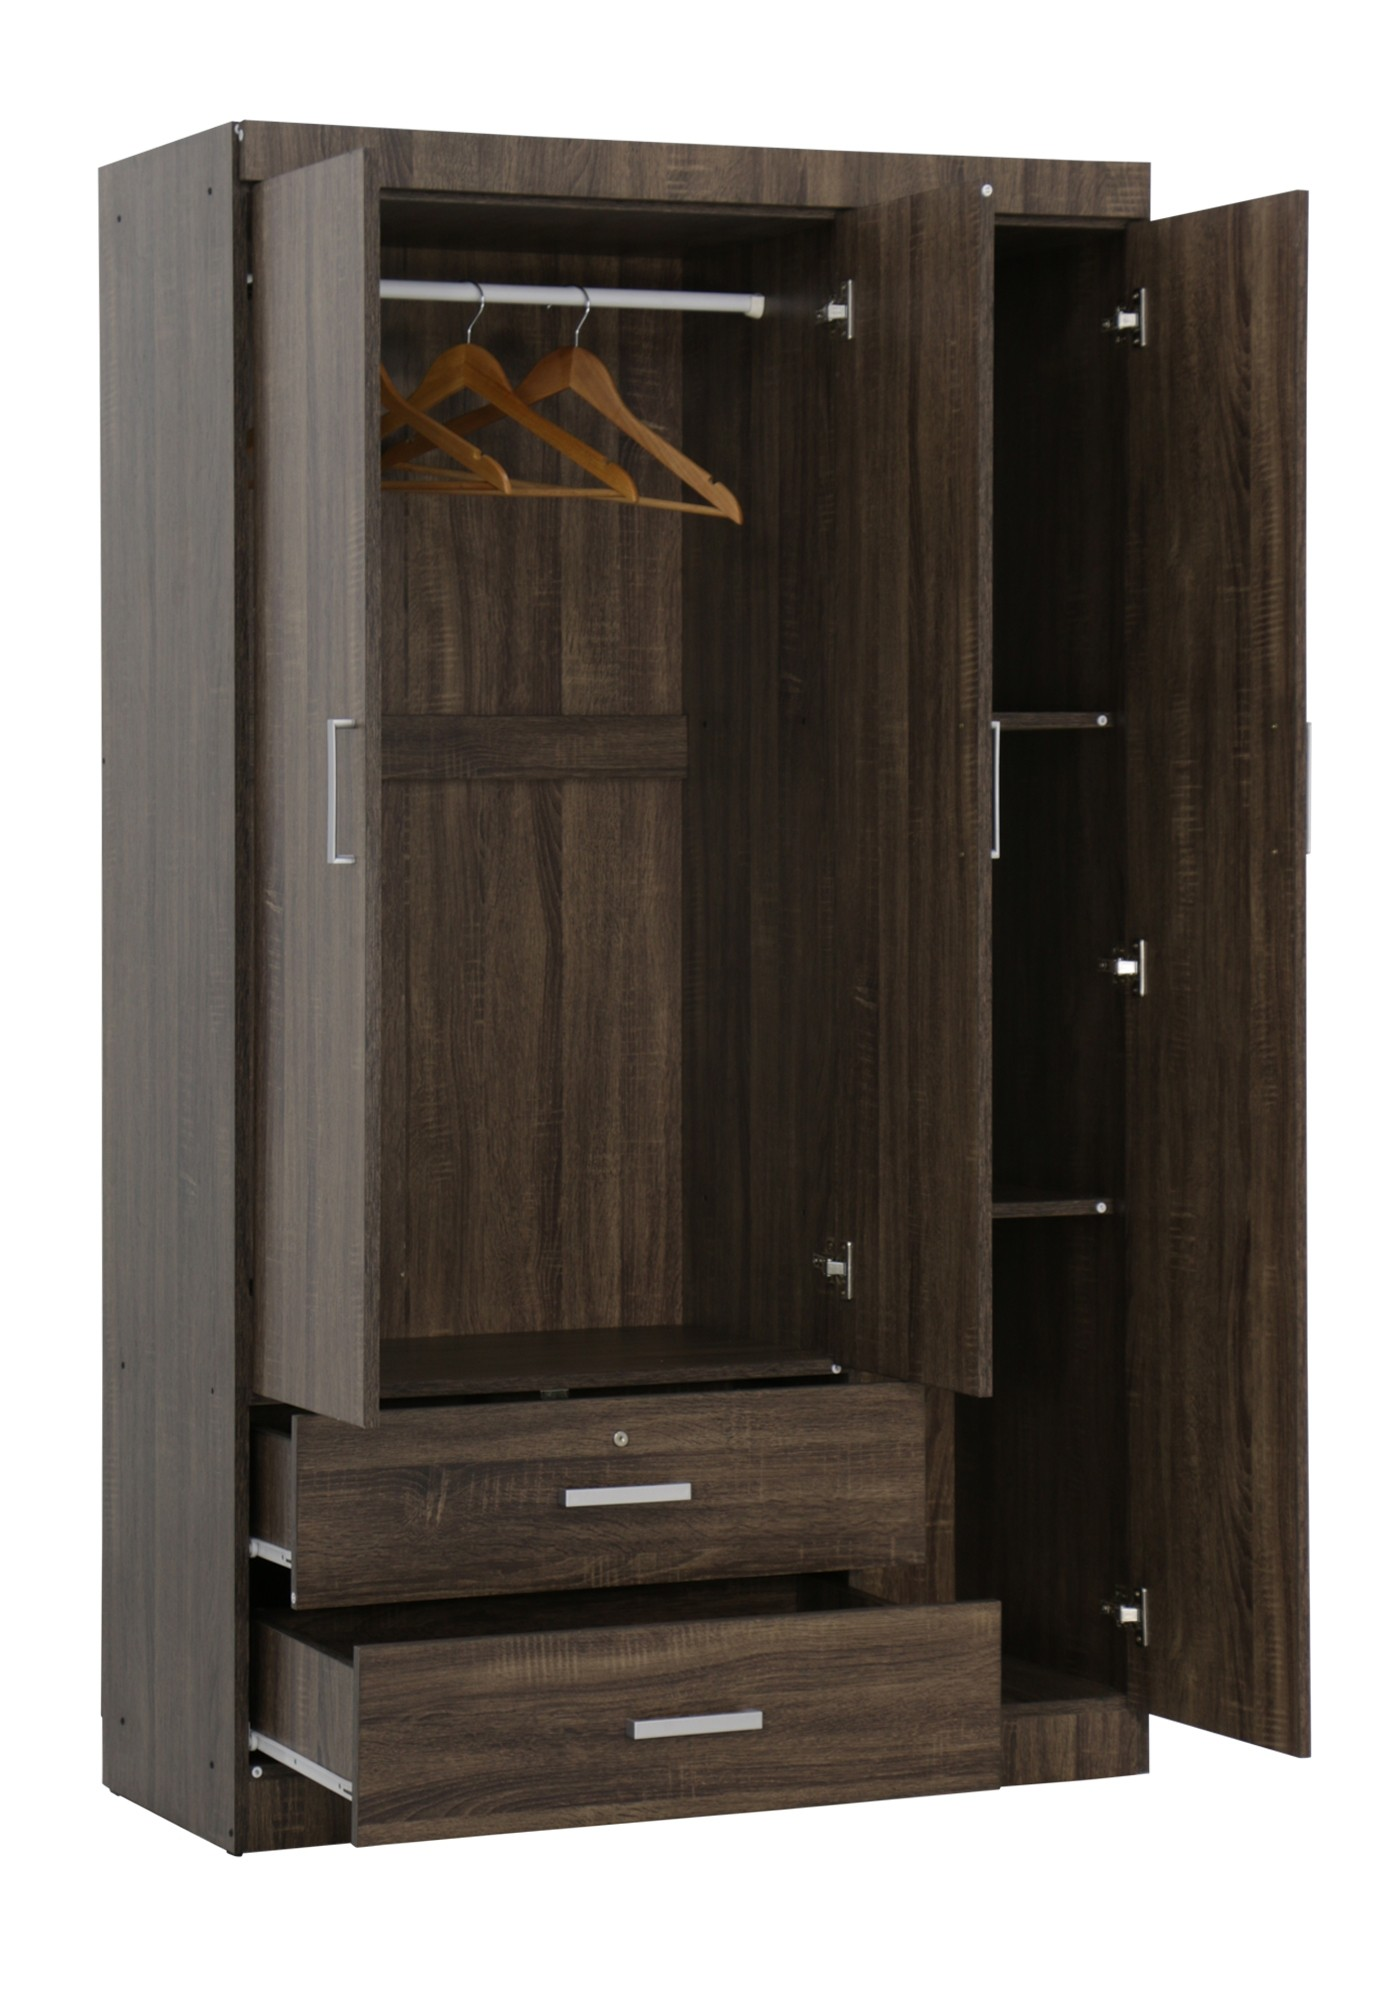 Elifel 3 Door Wardrobe In Walnut Furniture Amp Home D 233 Cor Fortytwo